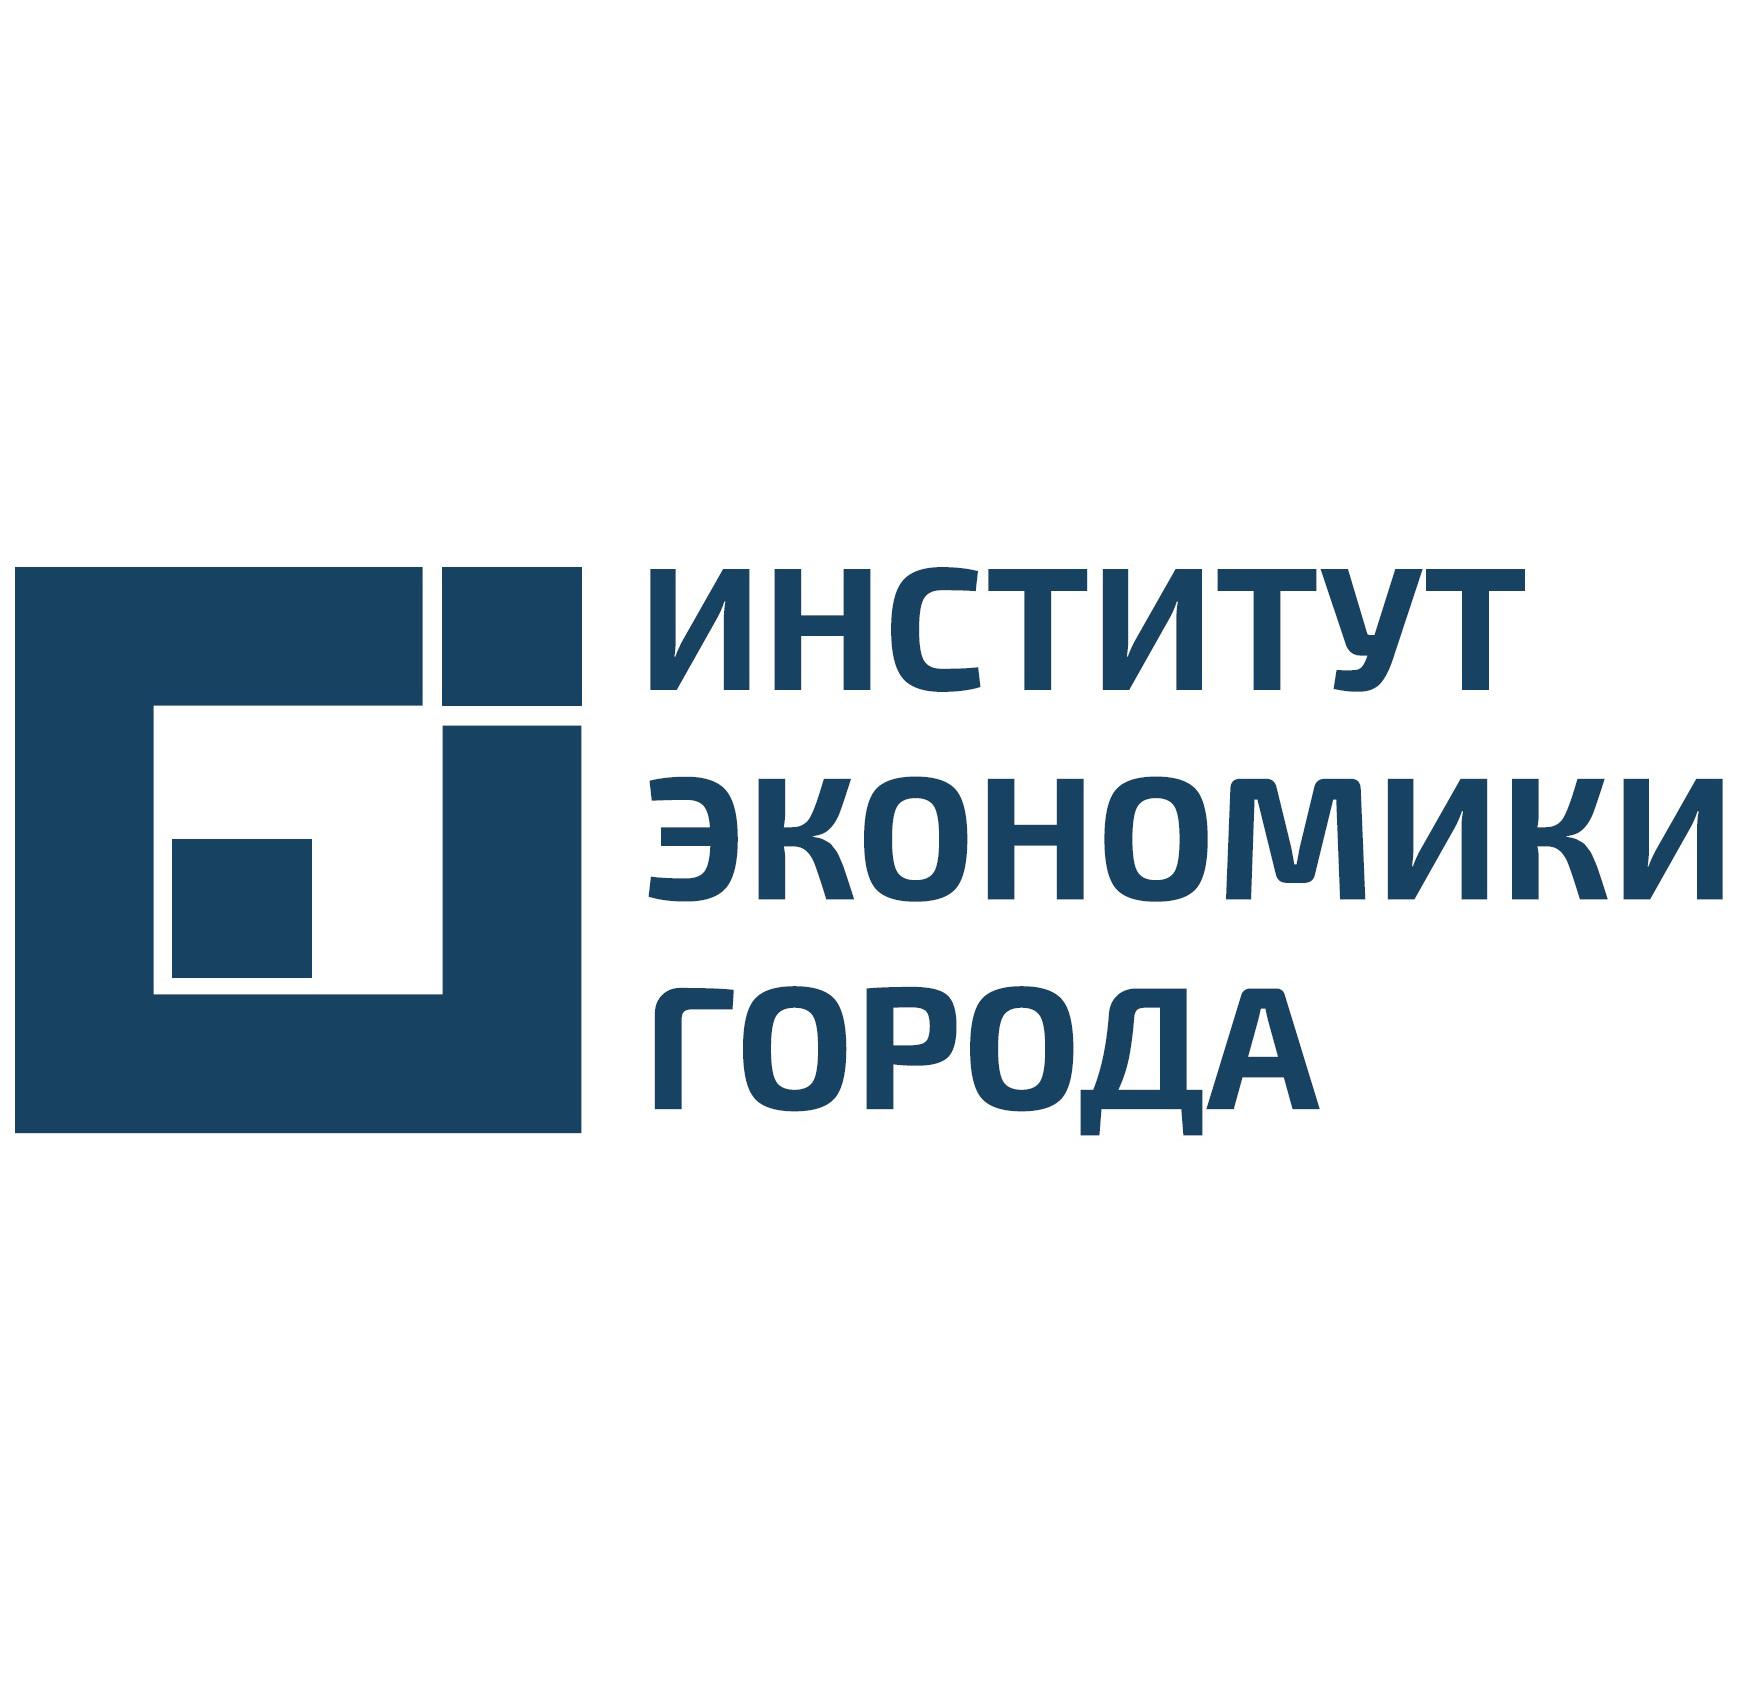 Институт экономики города